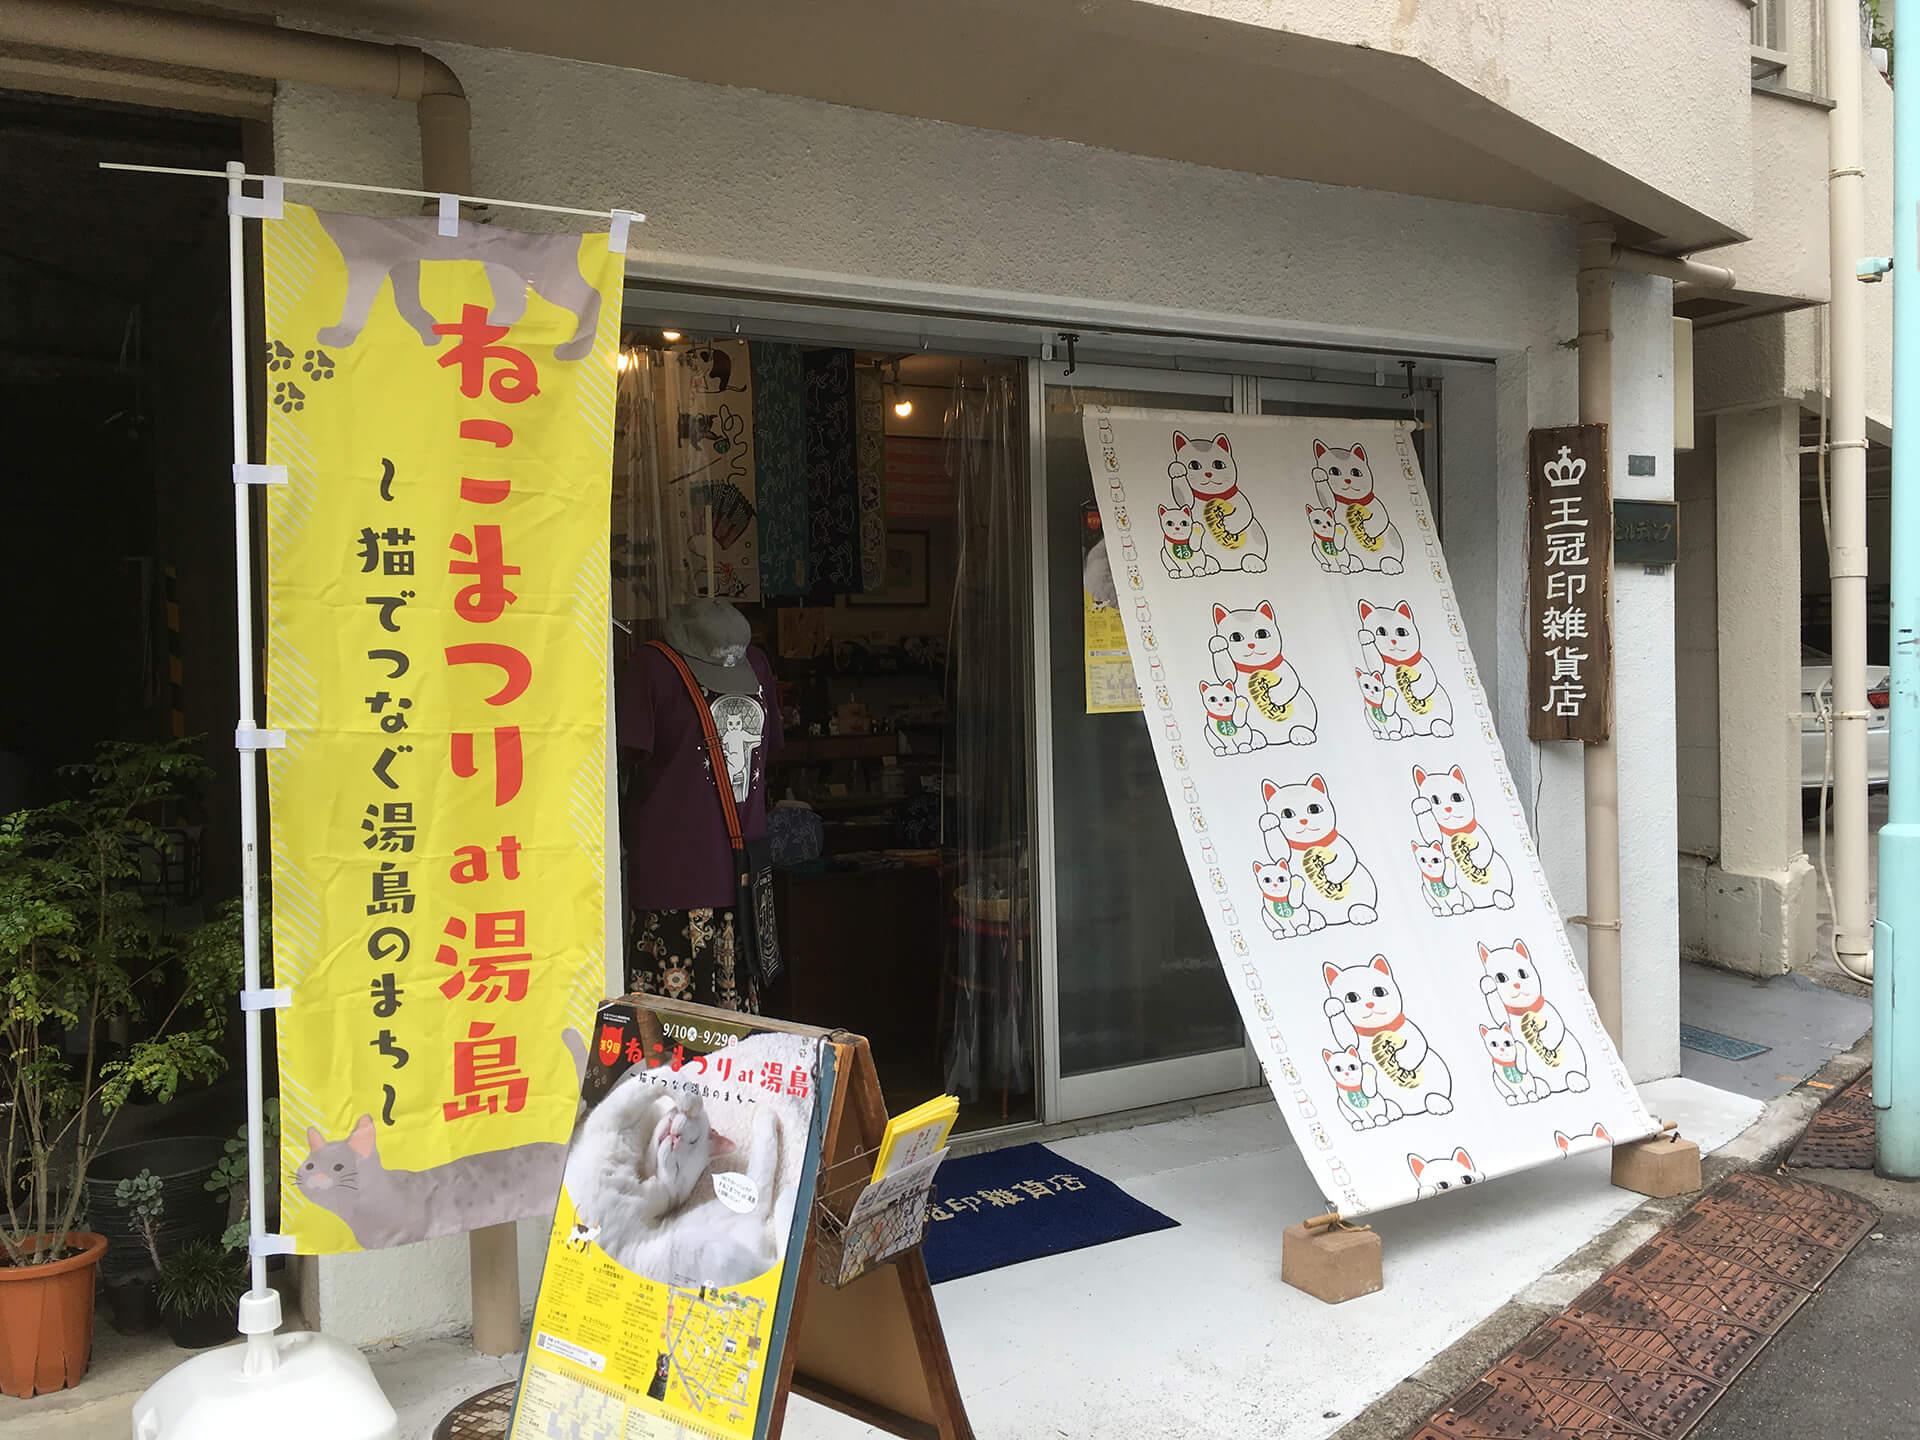 ねこまつり at 湯島・参加店